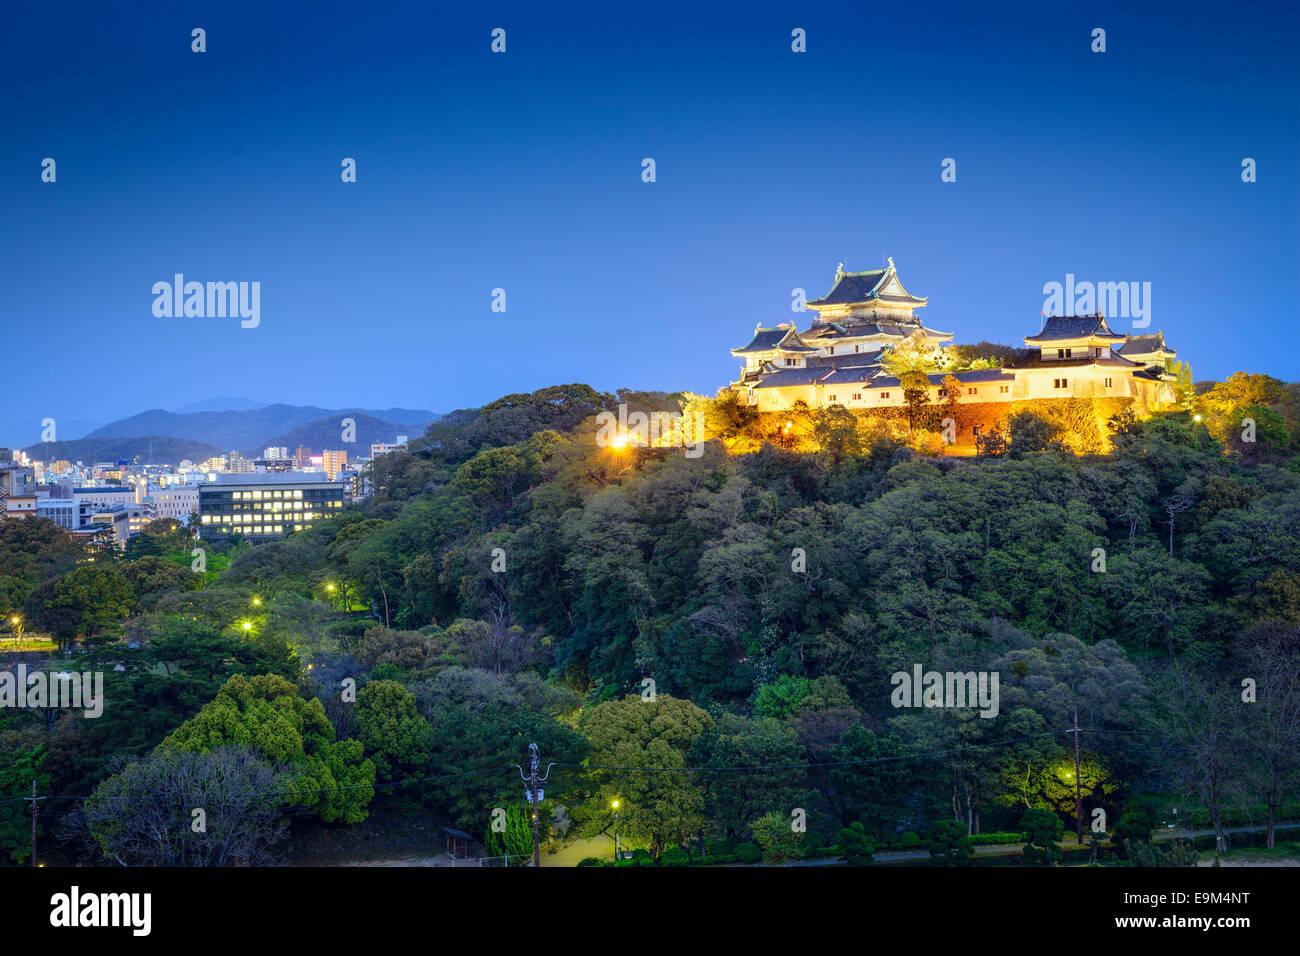 Wakayama City, Japan at Wakayama Castle. - Stock Image